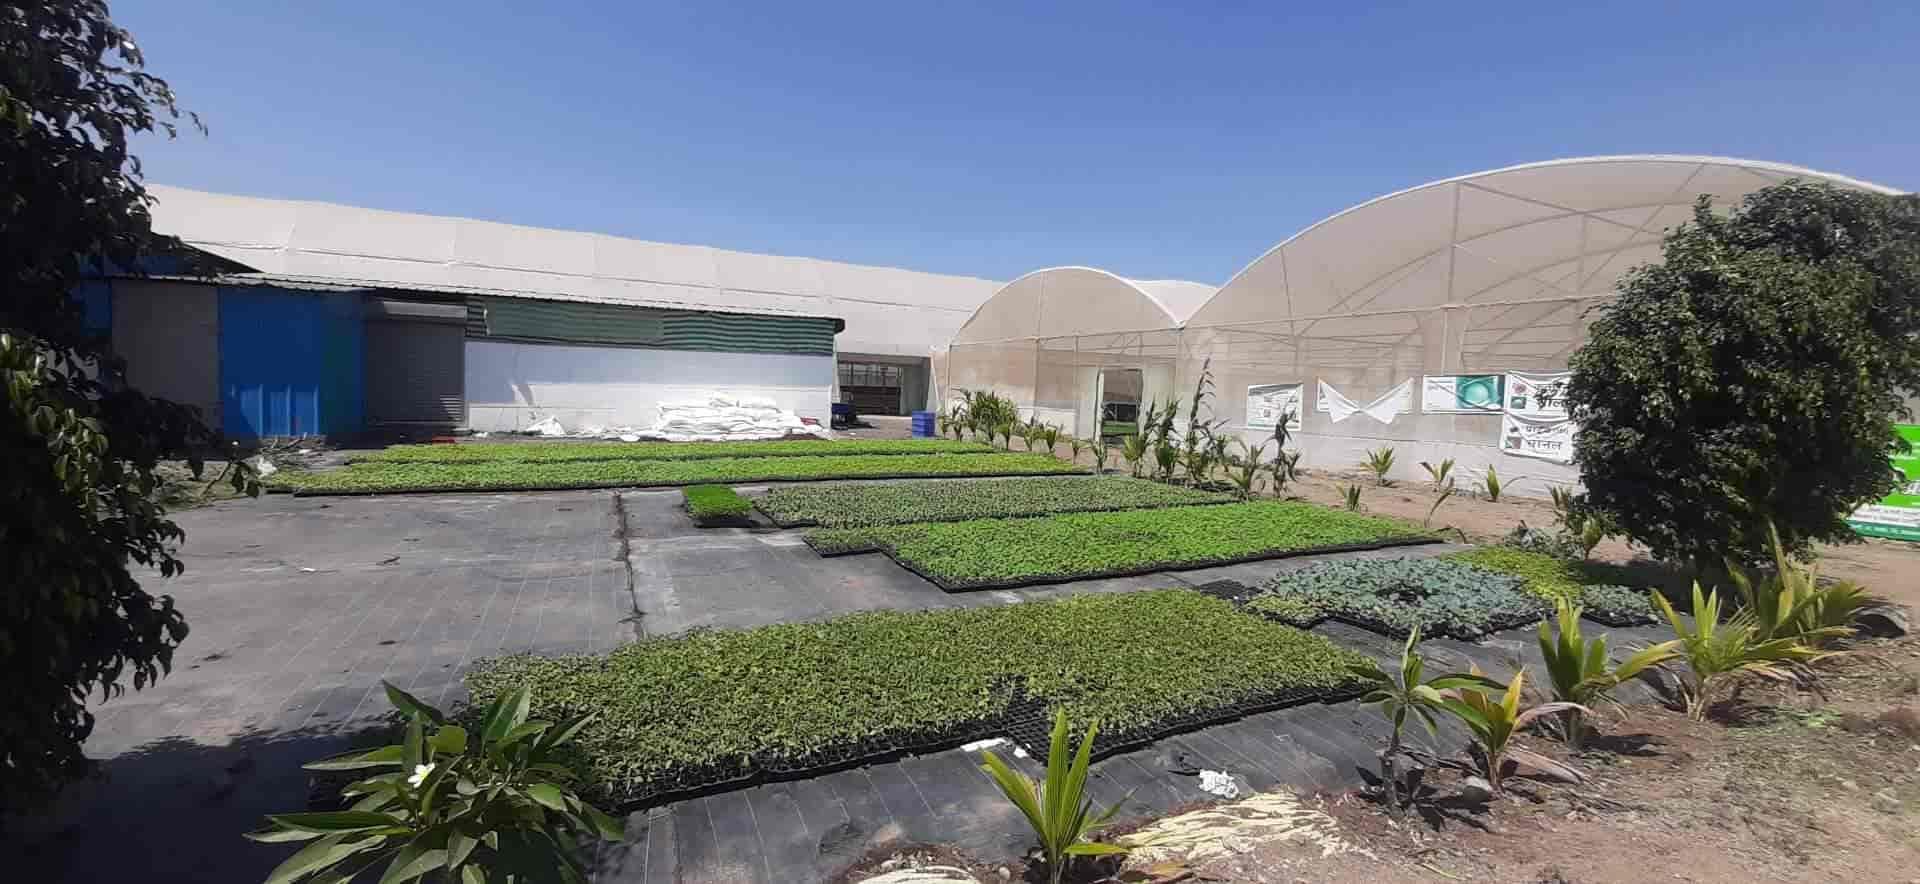 Top 100 Plant Nurseries In Ahmednagar Best Nursery Plant Suppliers Justdial